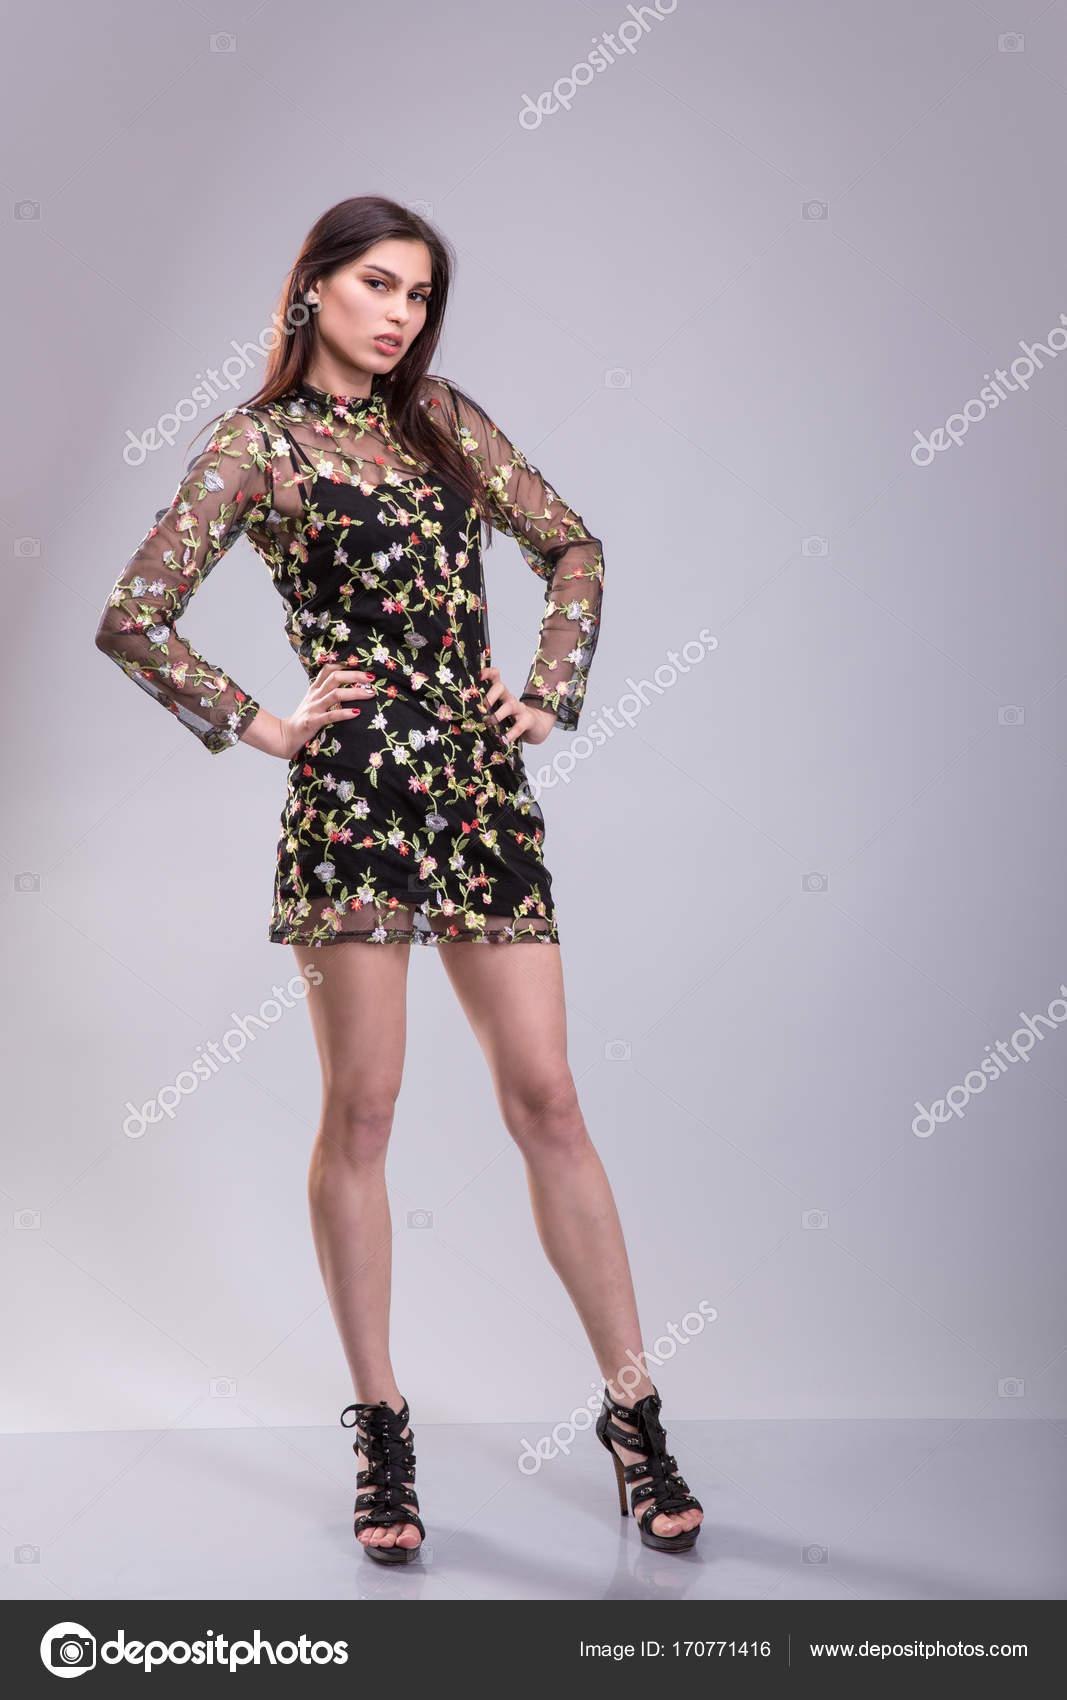 Schöne junge Frau trägt ein kleines schwarzes Kleid posiert ...